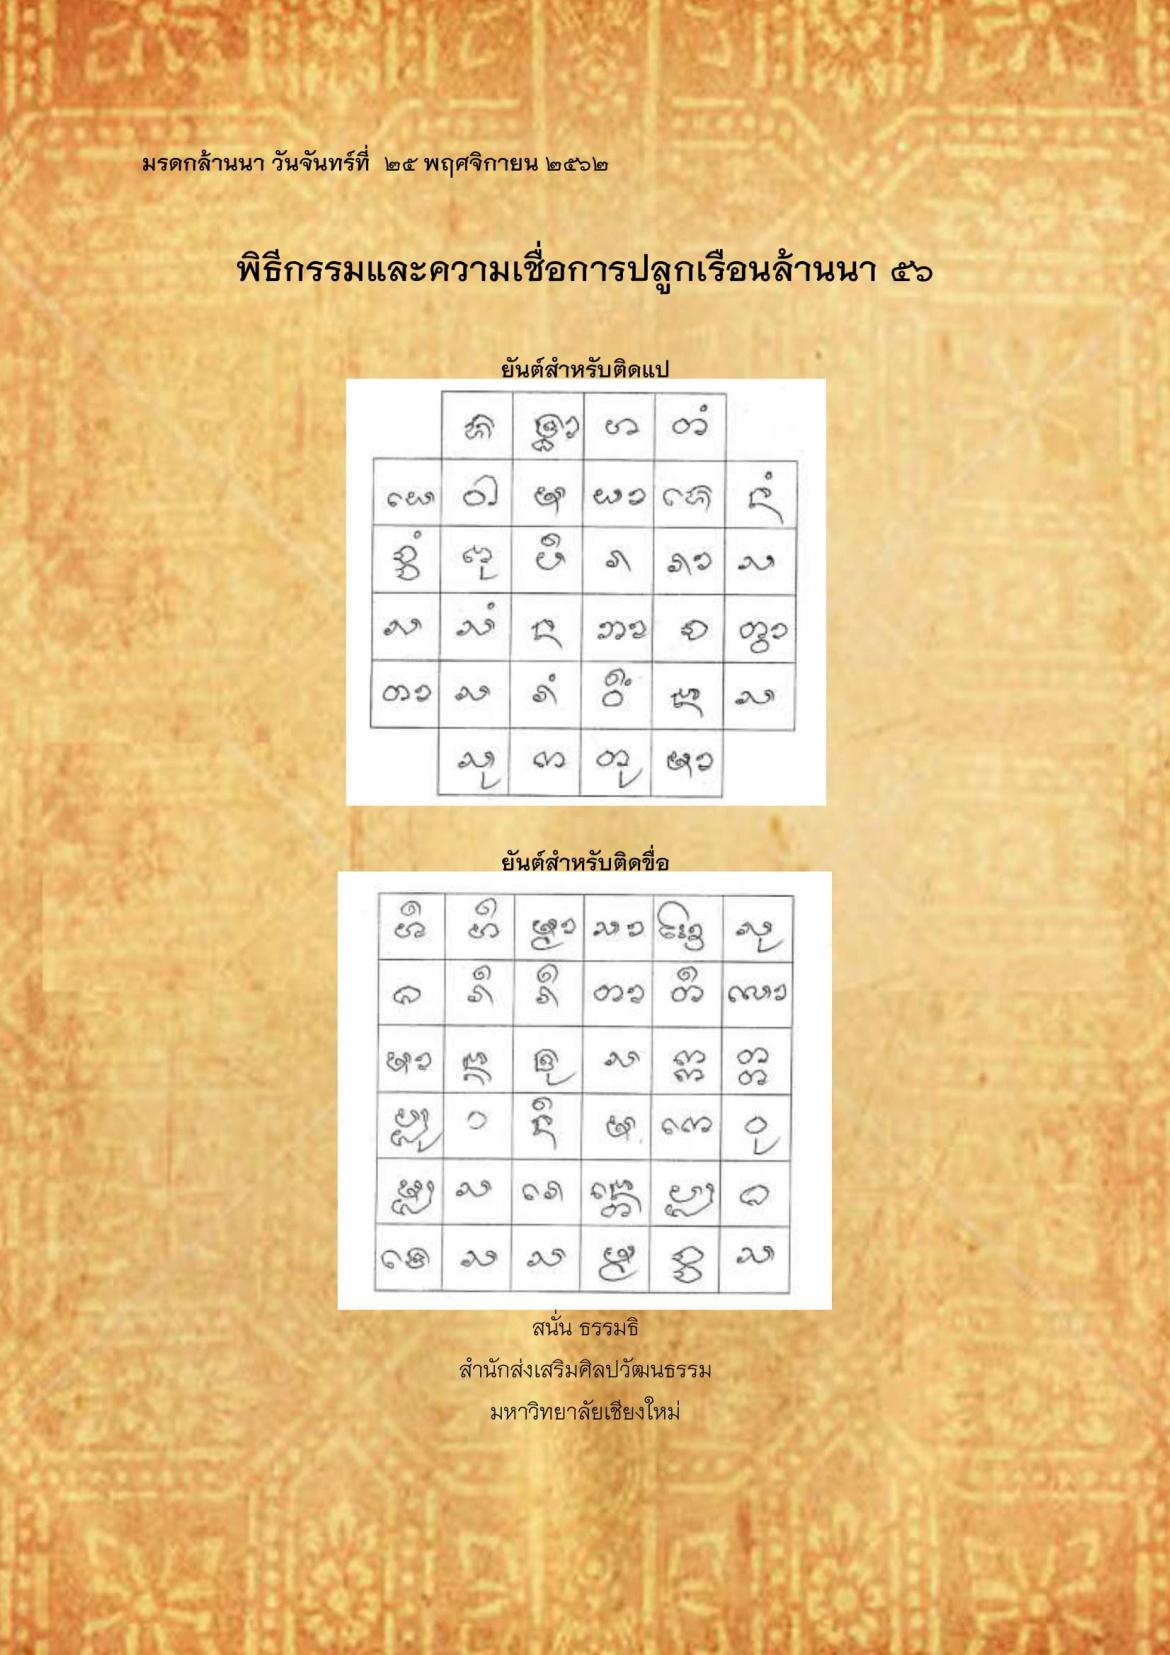 พิธีกรรมเเละความเชื่อการปลูกเรือนล้านนา(56) - 25 พฤศจิกายน 2562